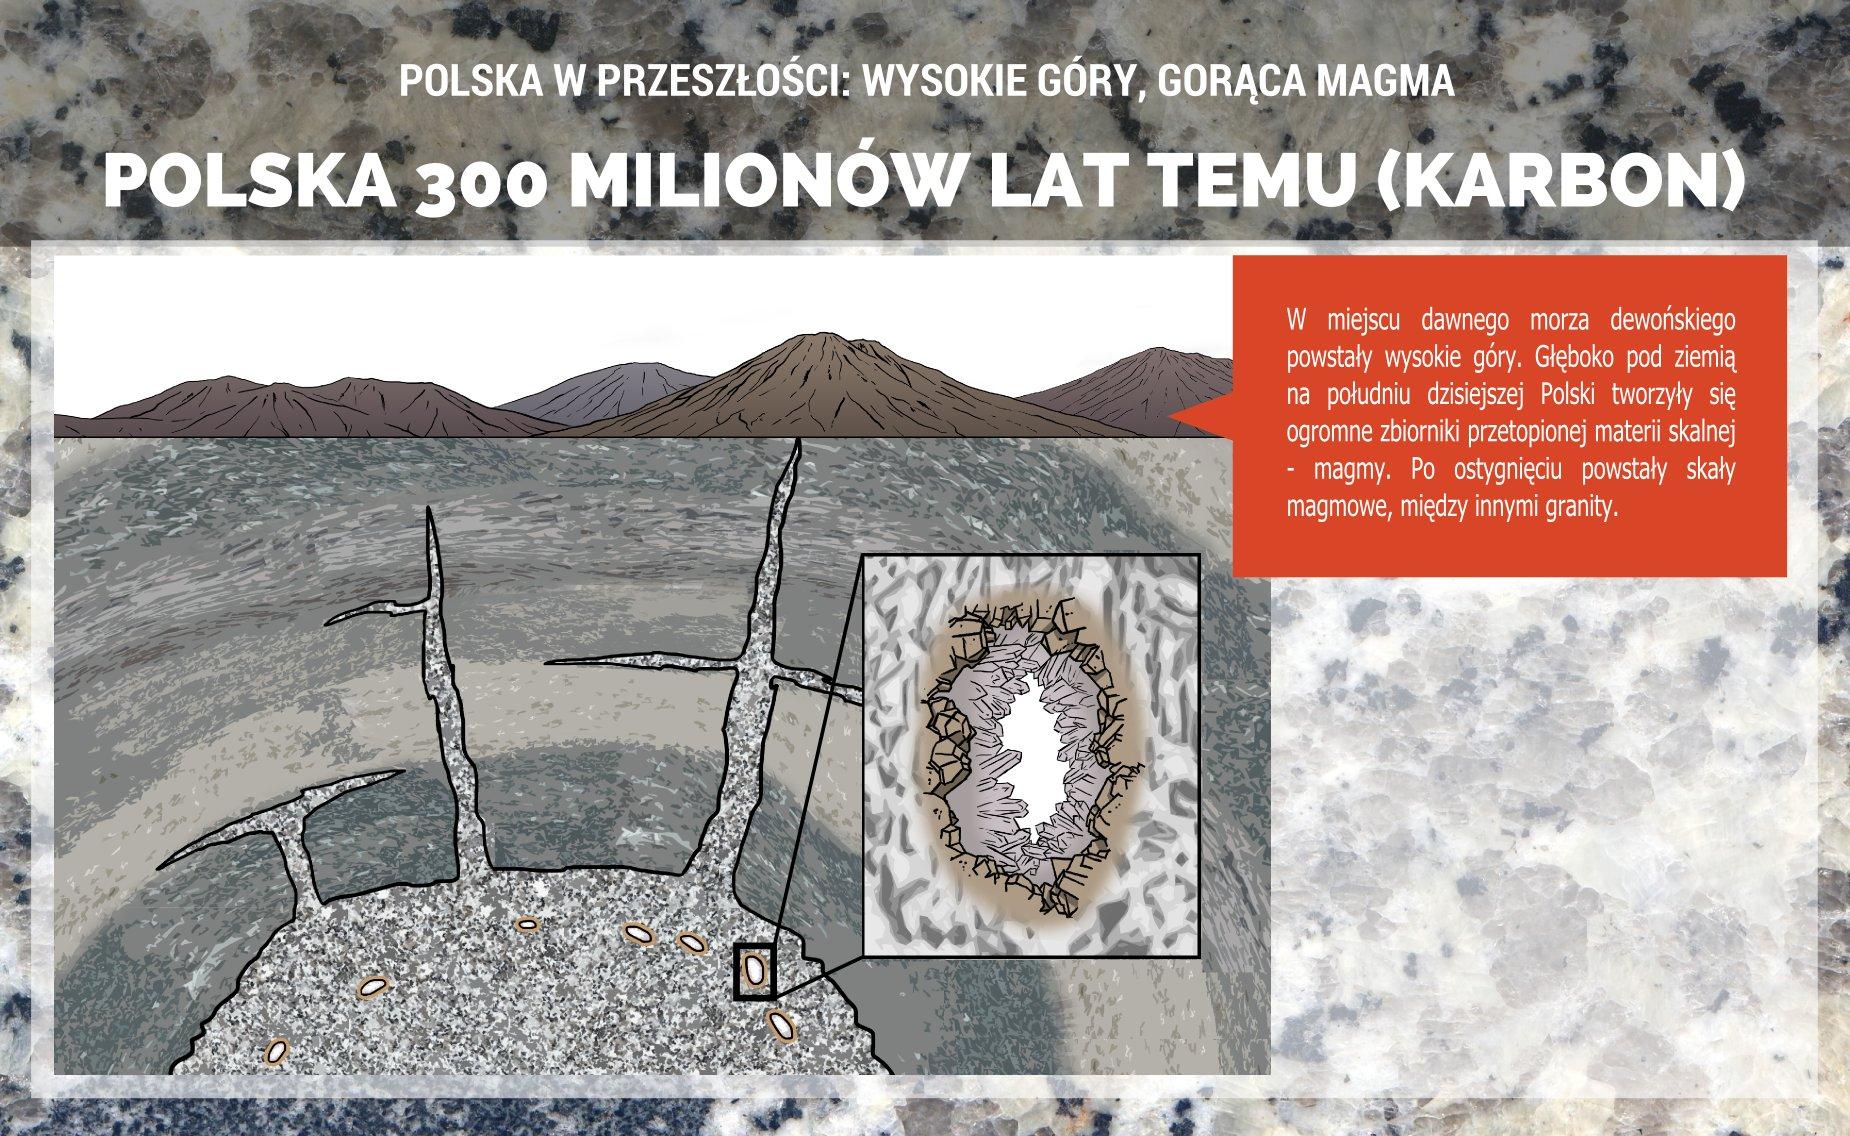 Polska w karbonie - powstawanie granitoidów Dolnego Śląska - plakat.